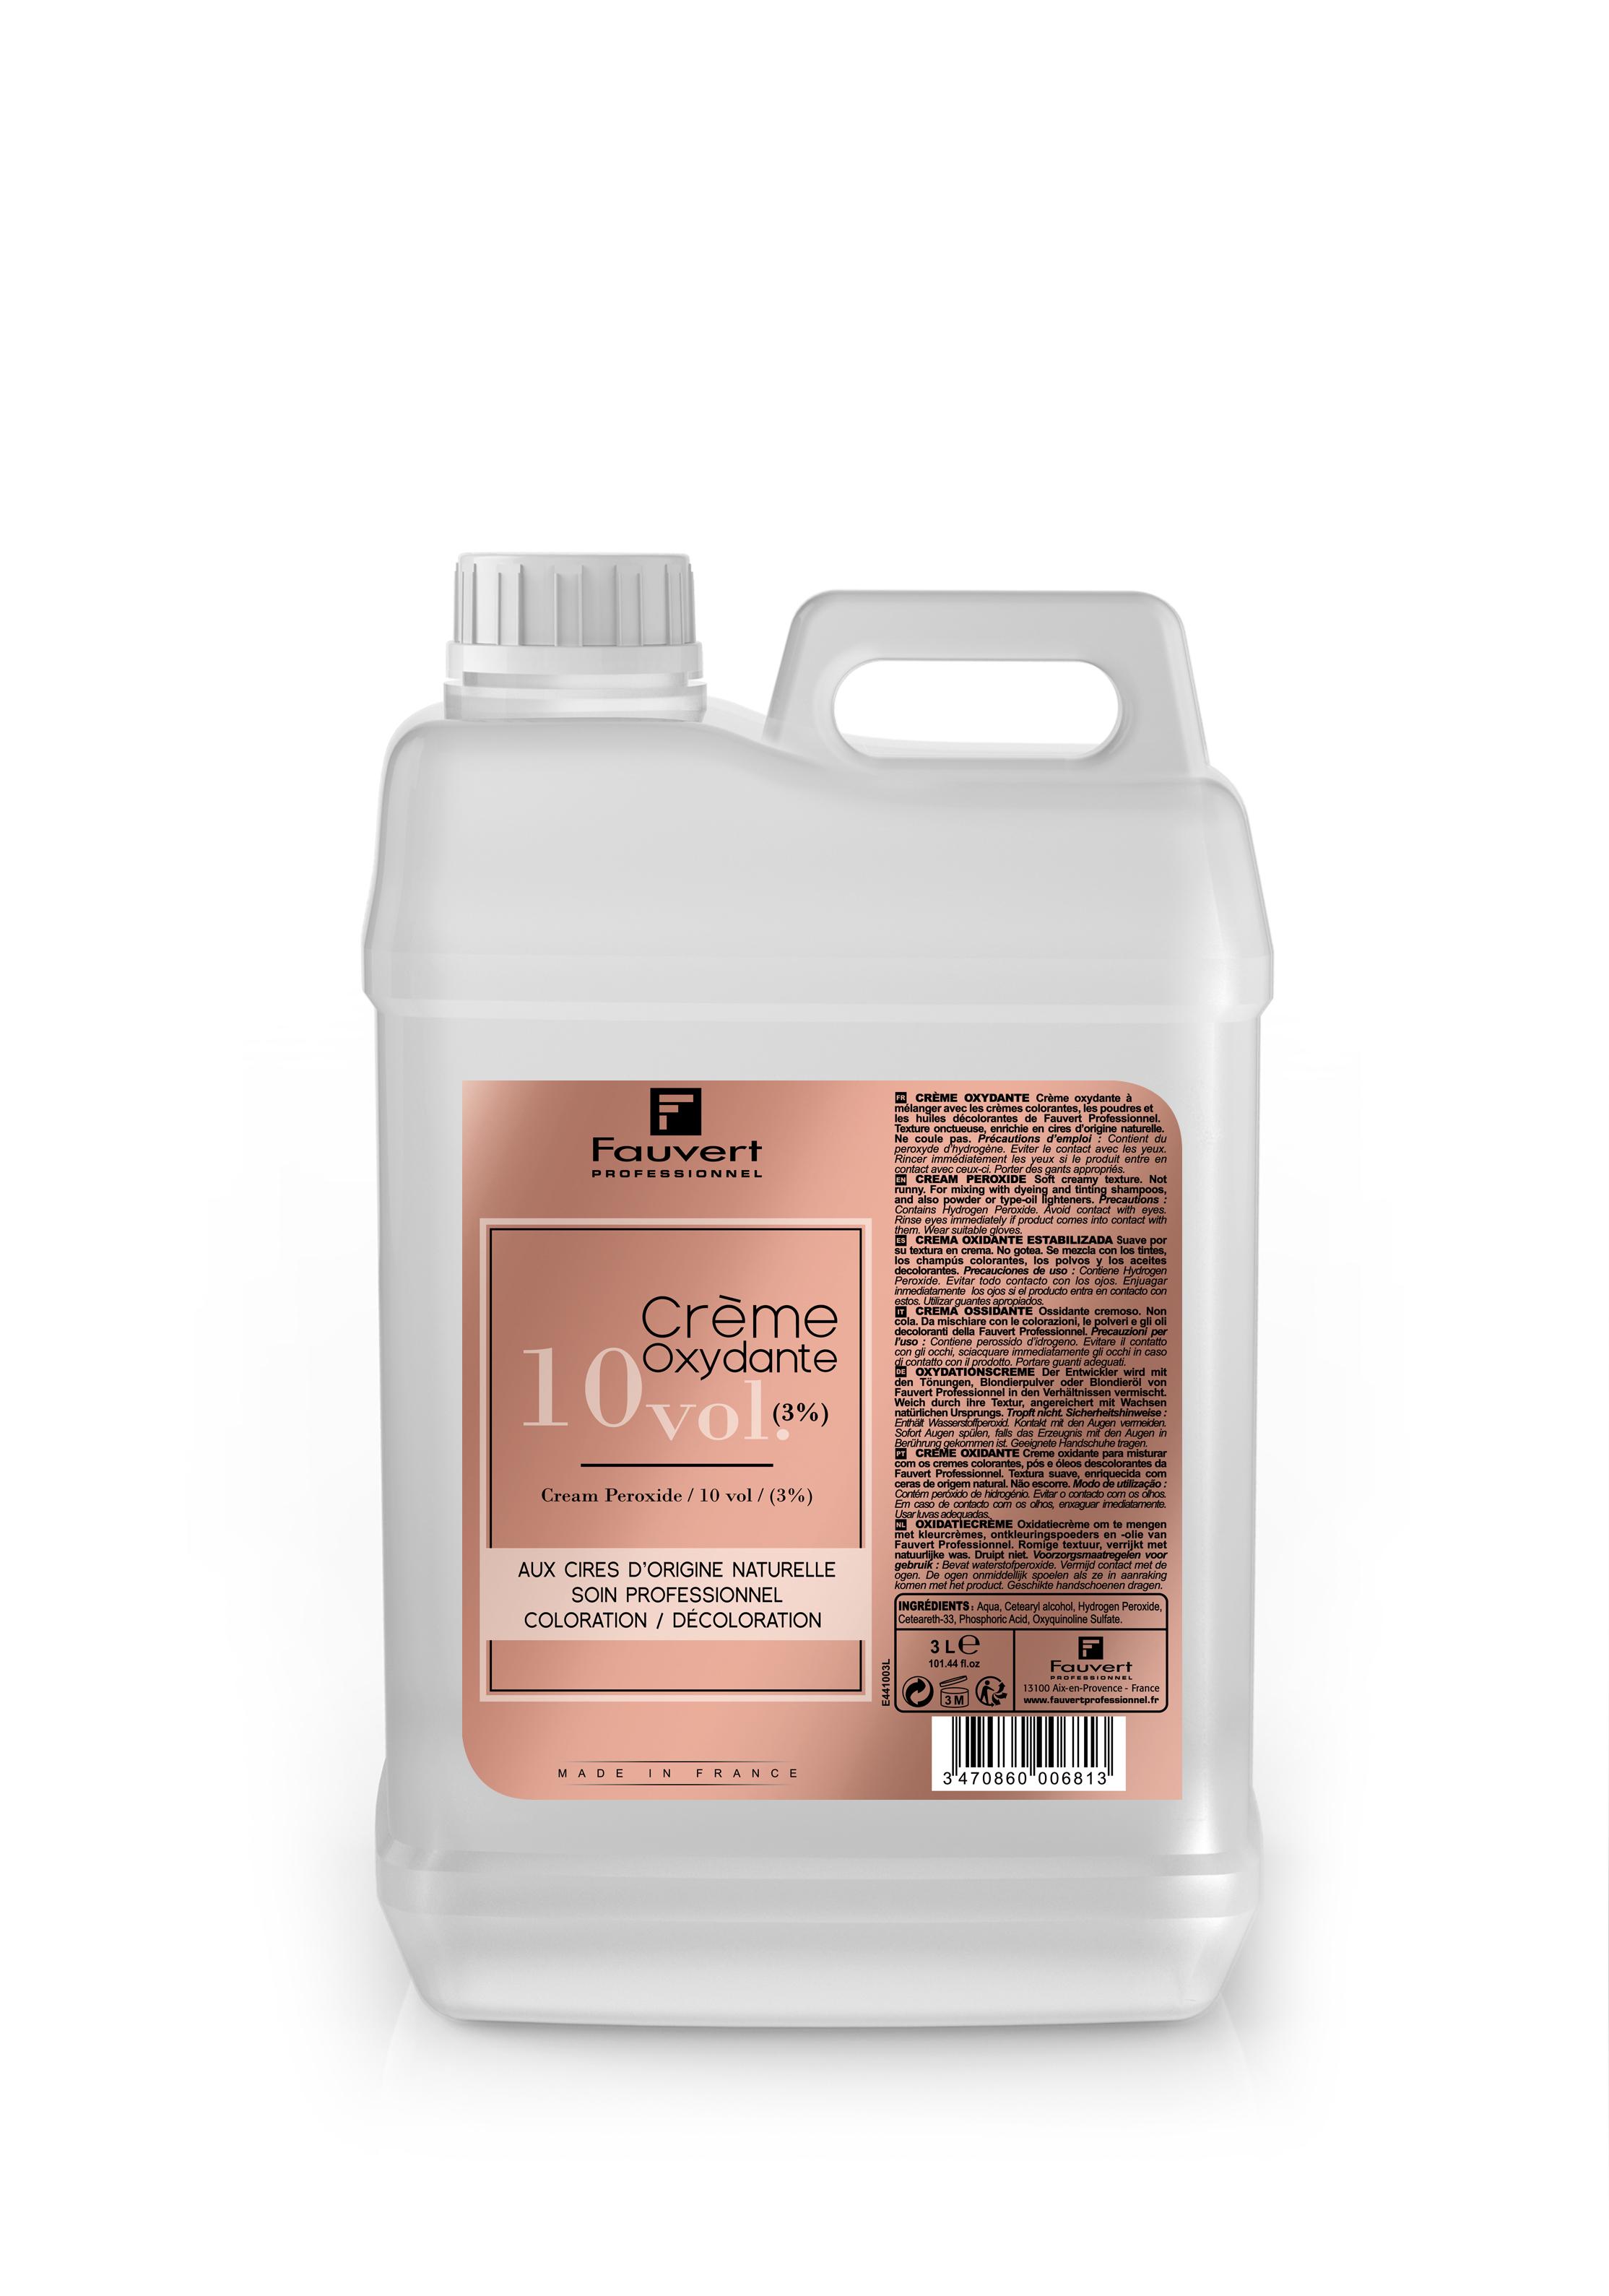 Oxydant - 3% - 3000ml